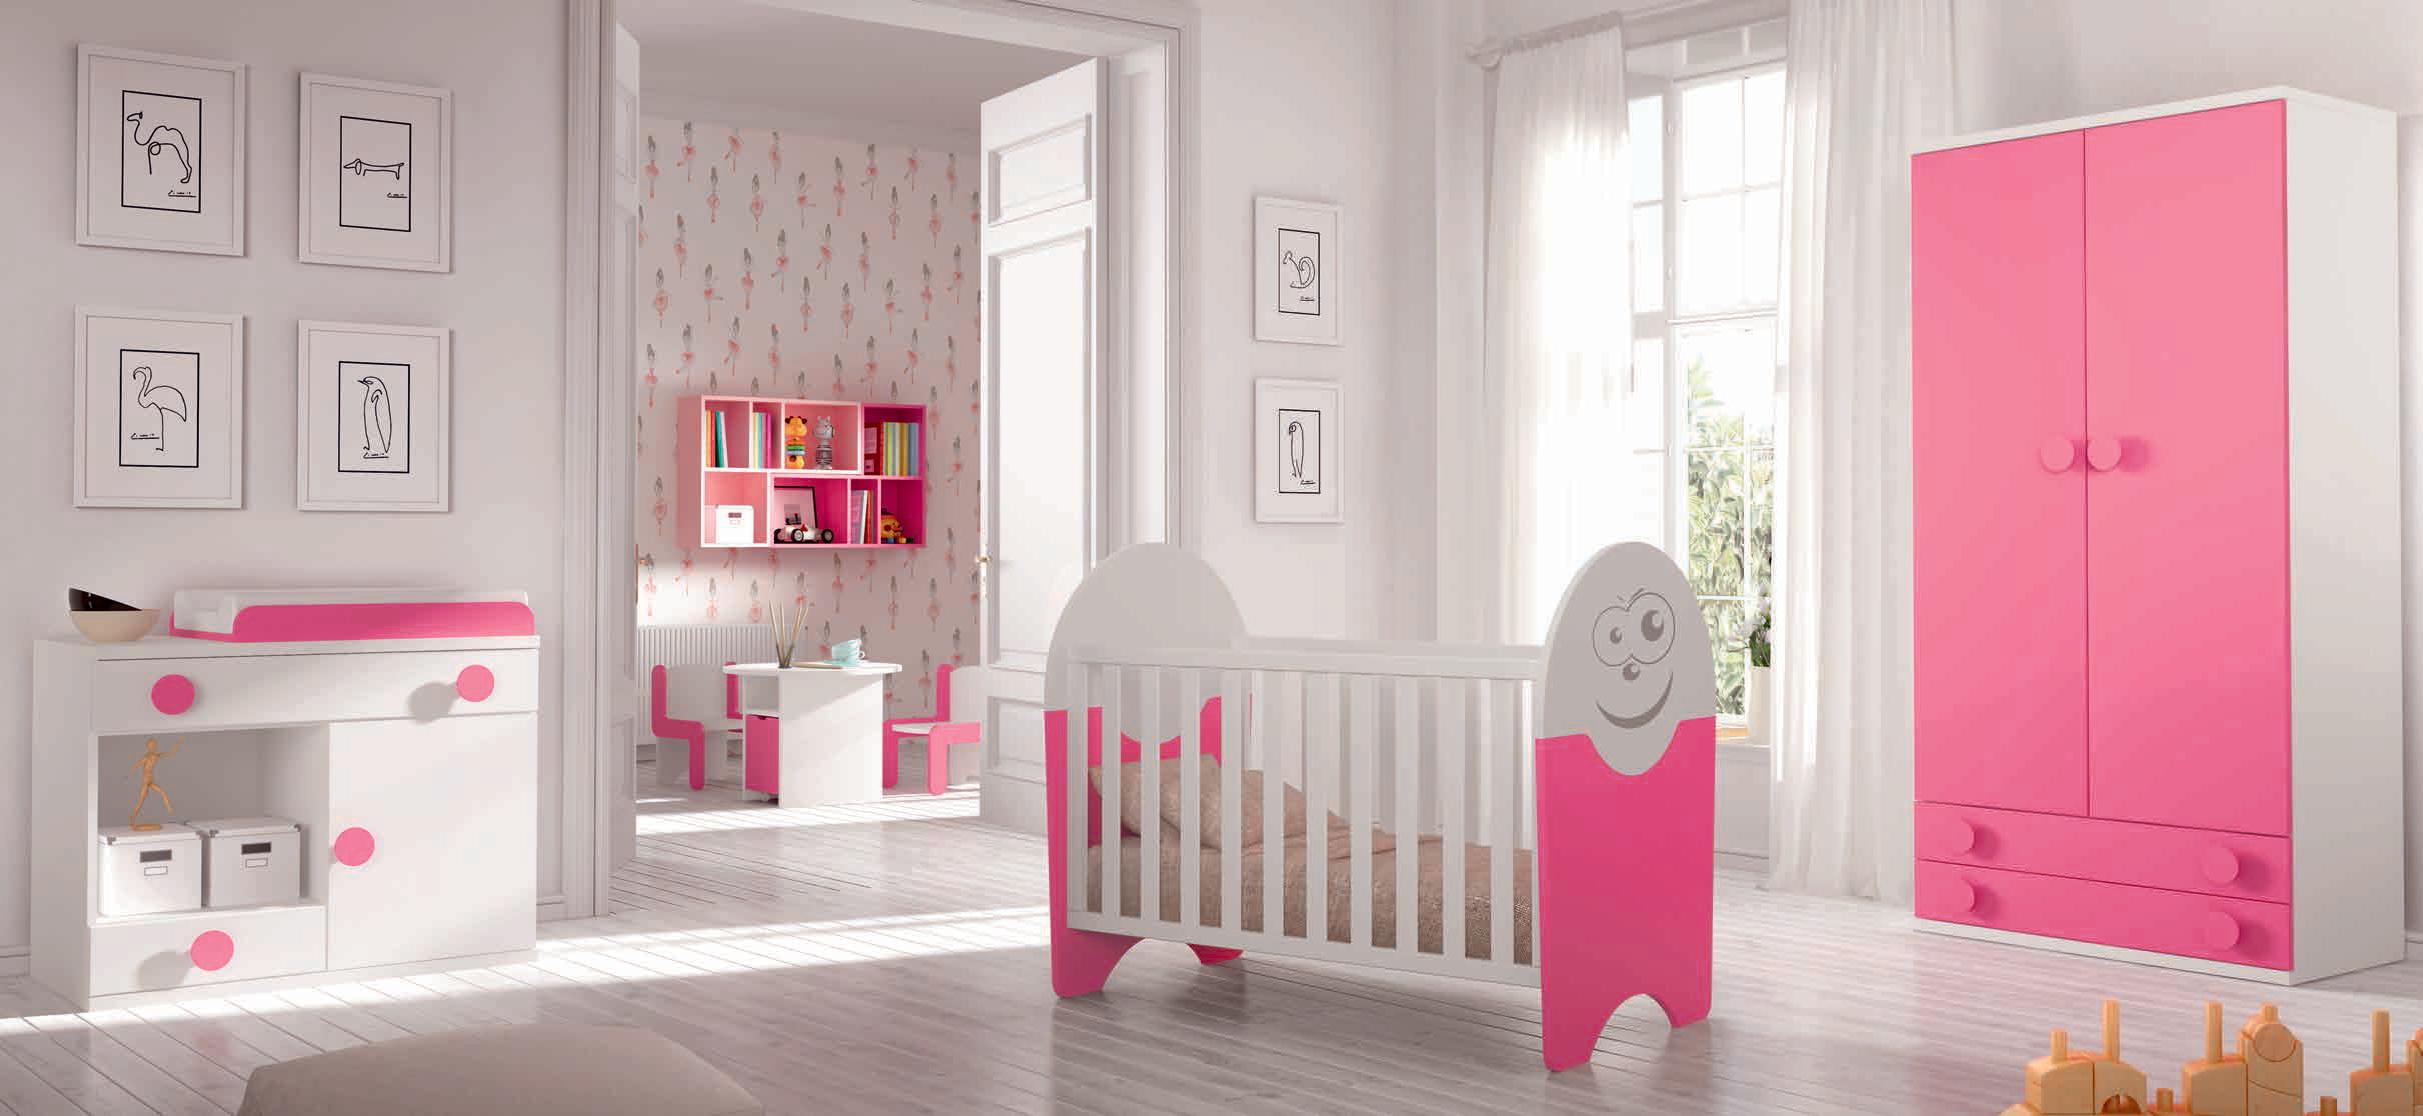 Comment pr parer votre enfant partager sa chambre de fille - Decoration chambre bebe fille pas cher ...